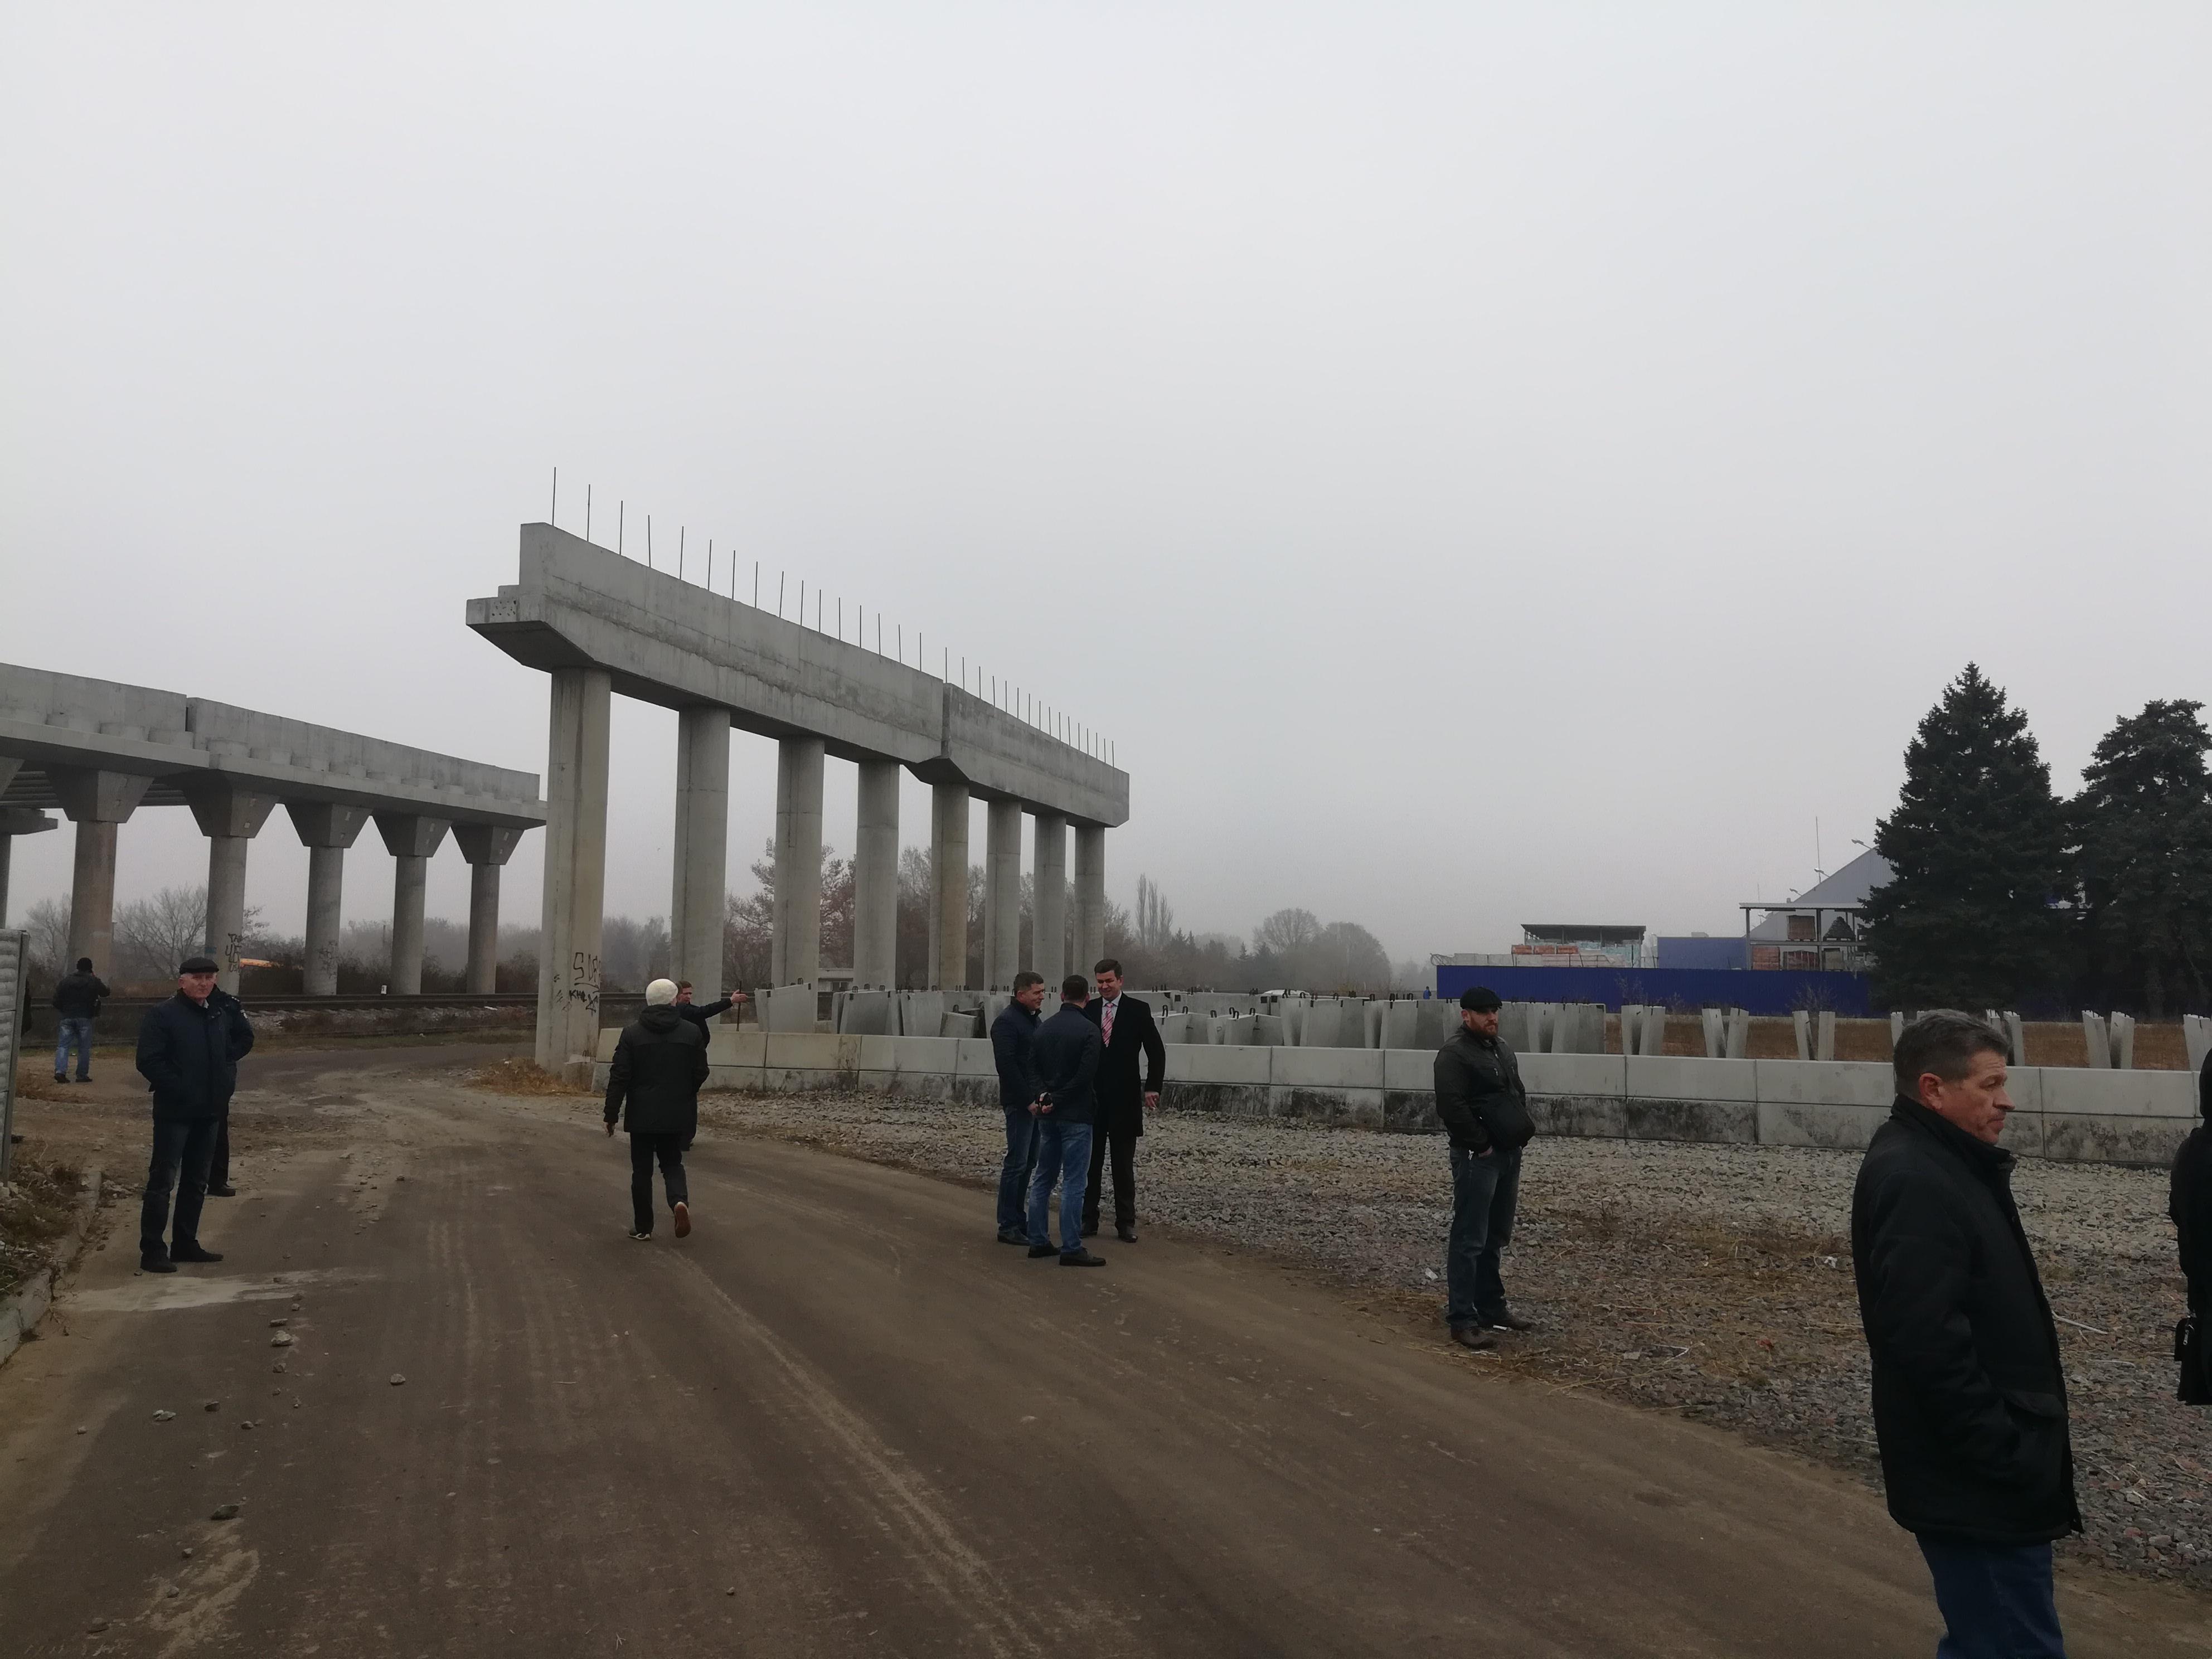 Херсонський мостоперехід може запрацювати вже до кінця наступного року